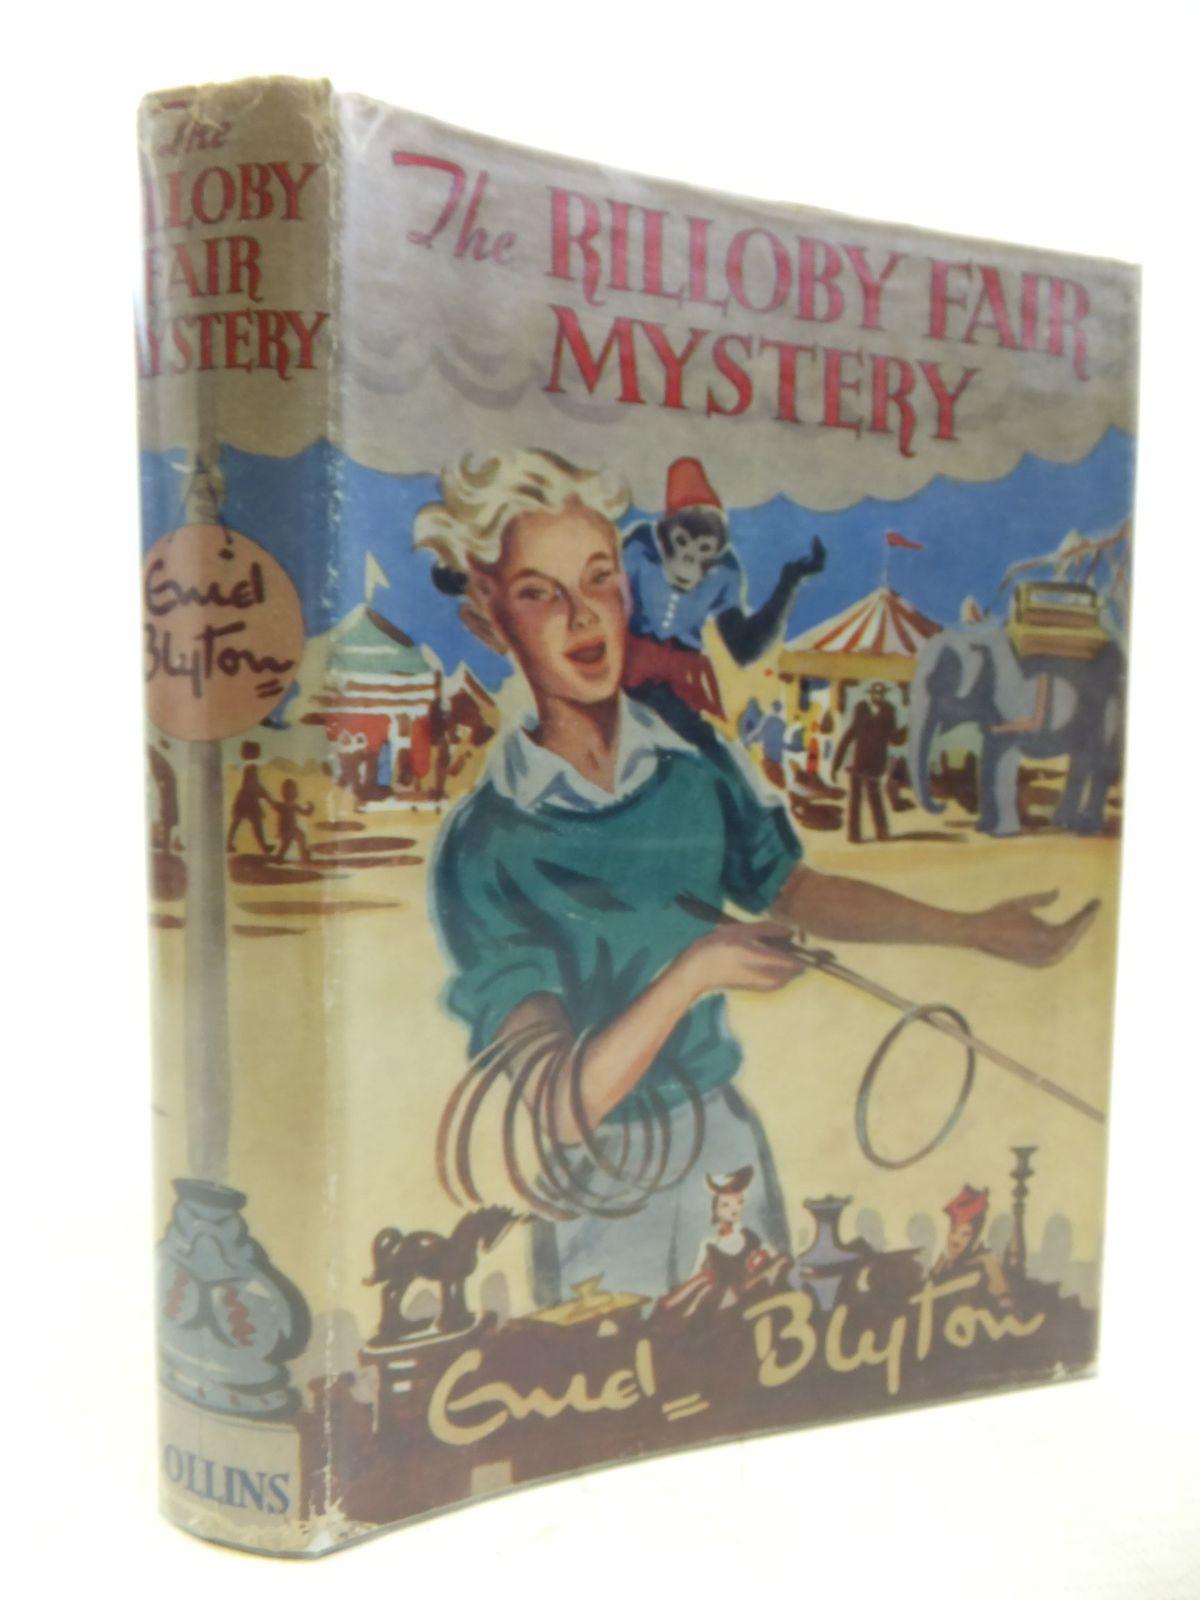 The rilloby fair mystery